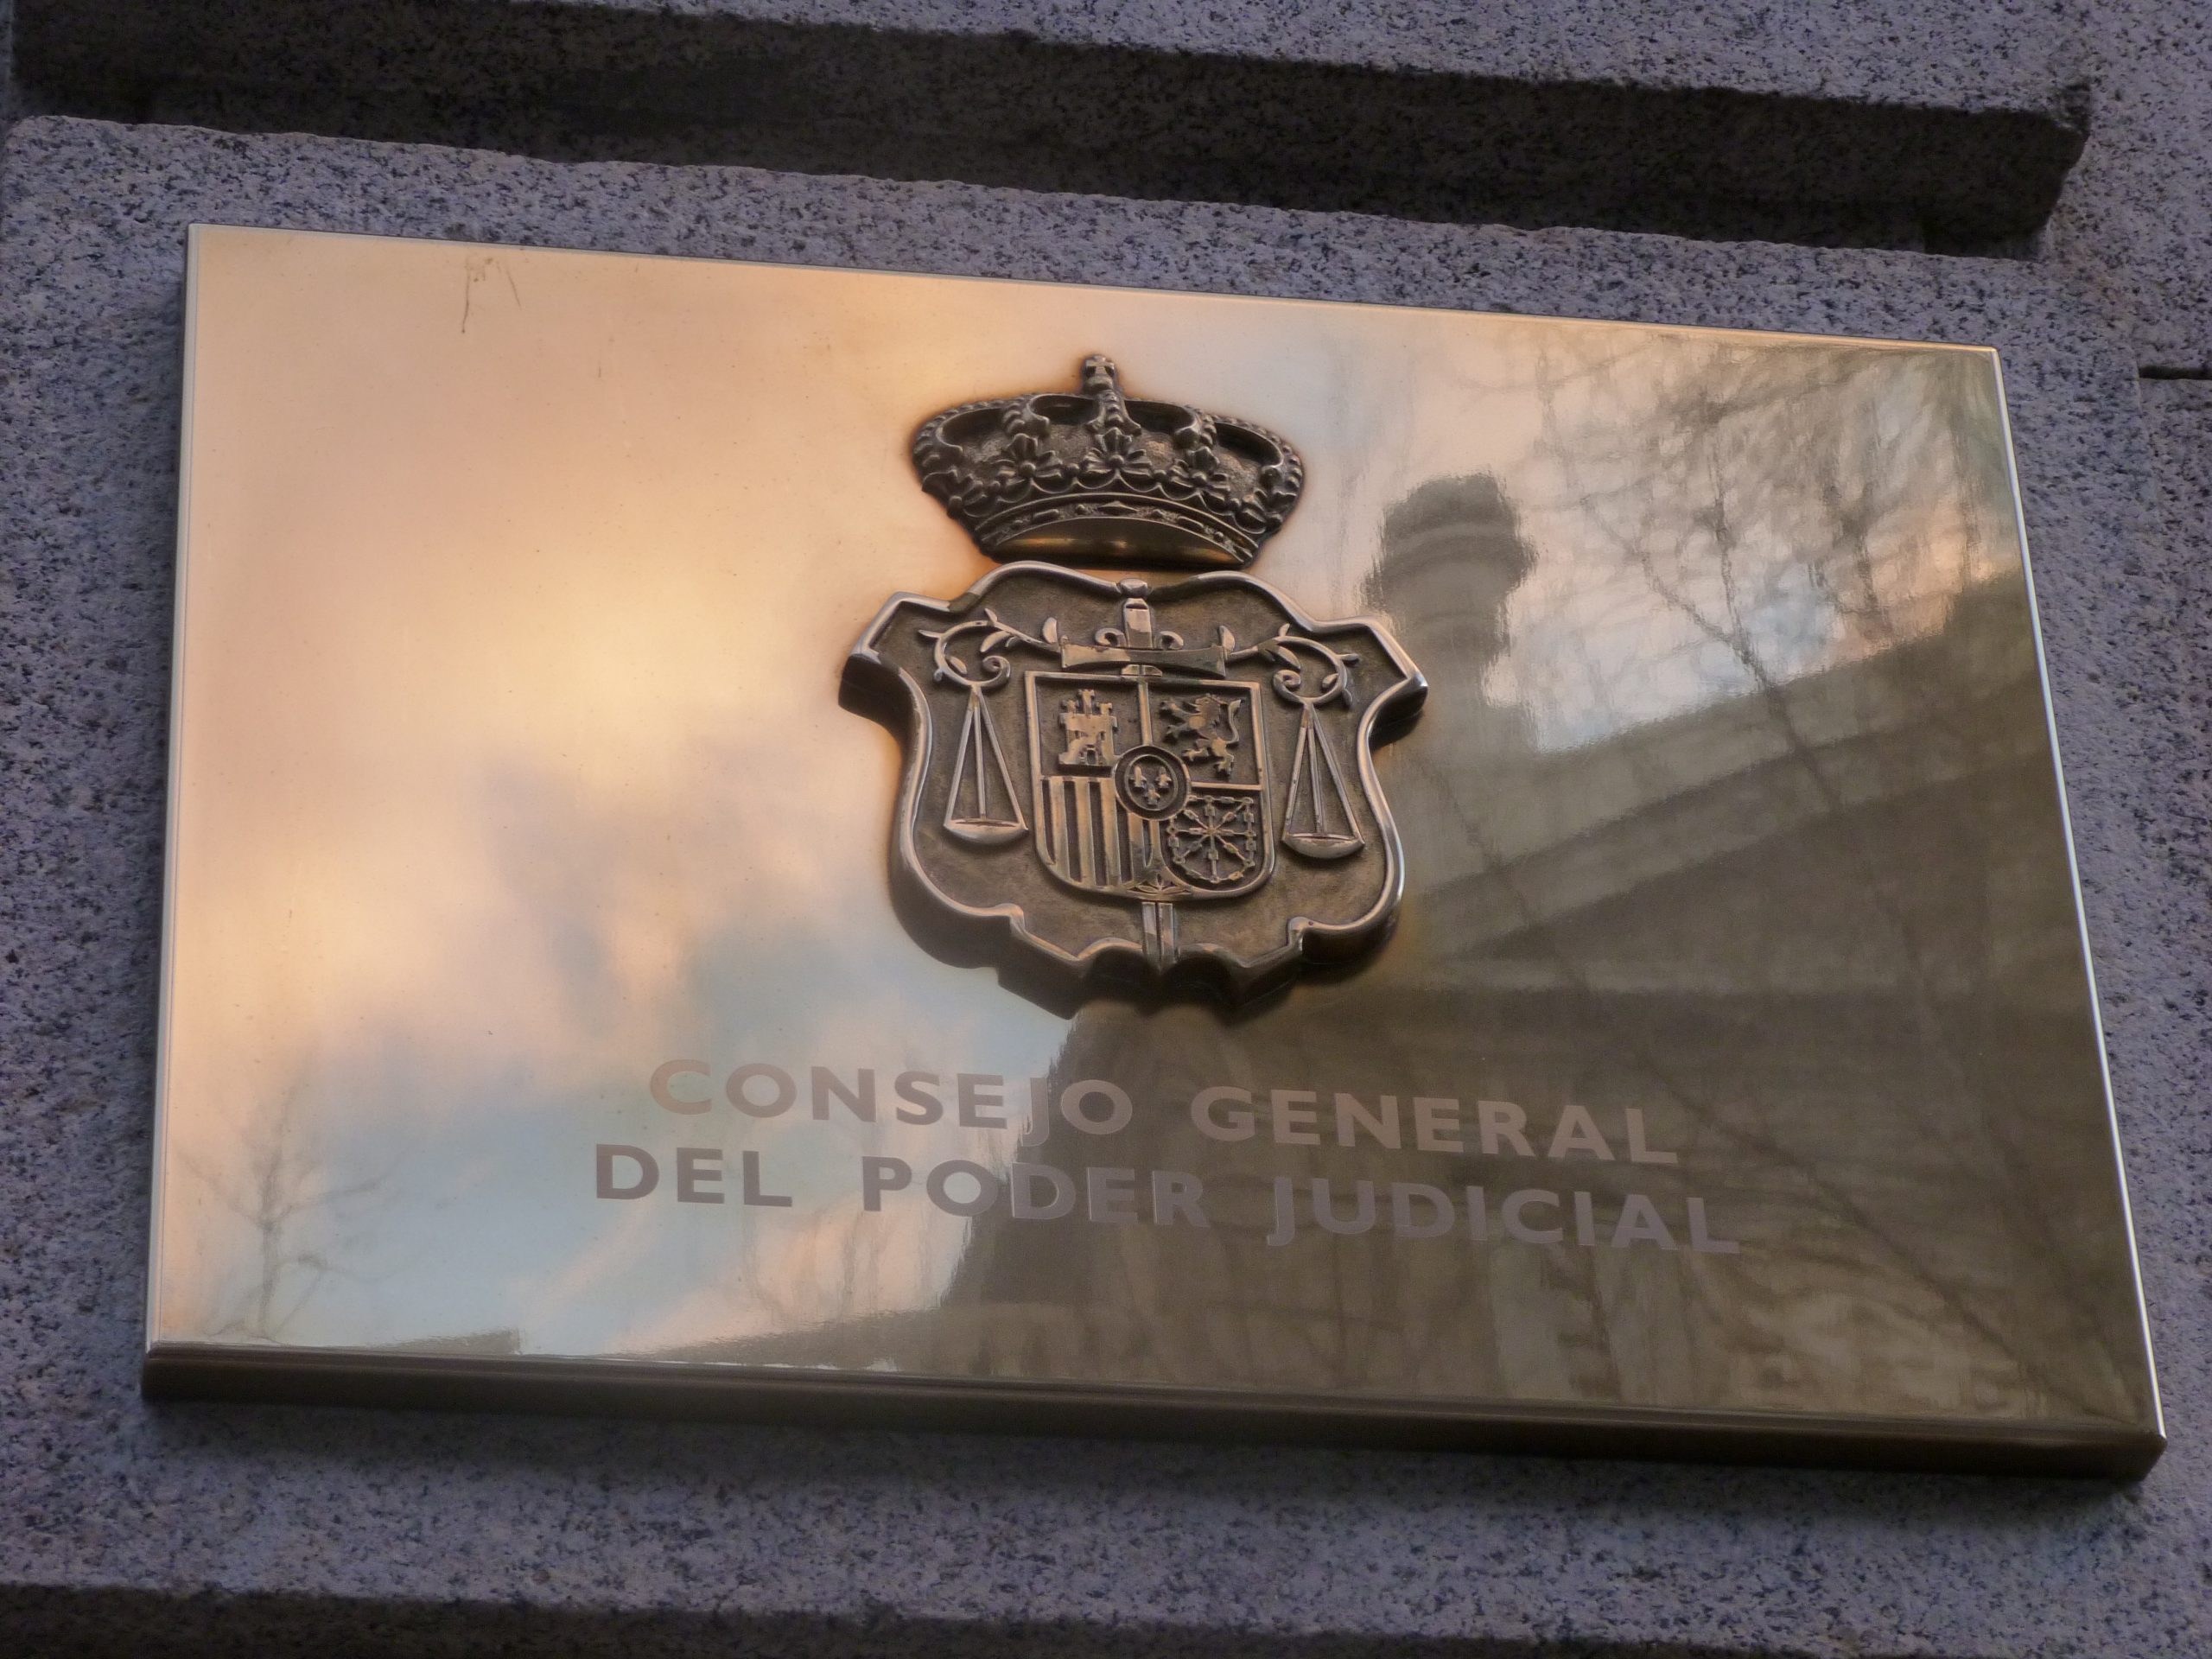 L'escut del Consell General del Poder Judicial (CGPJ), el màxim organ judicial de l'Estat espanyol, a la façana de la seu a Madrid | ACN